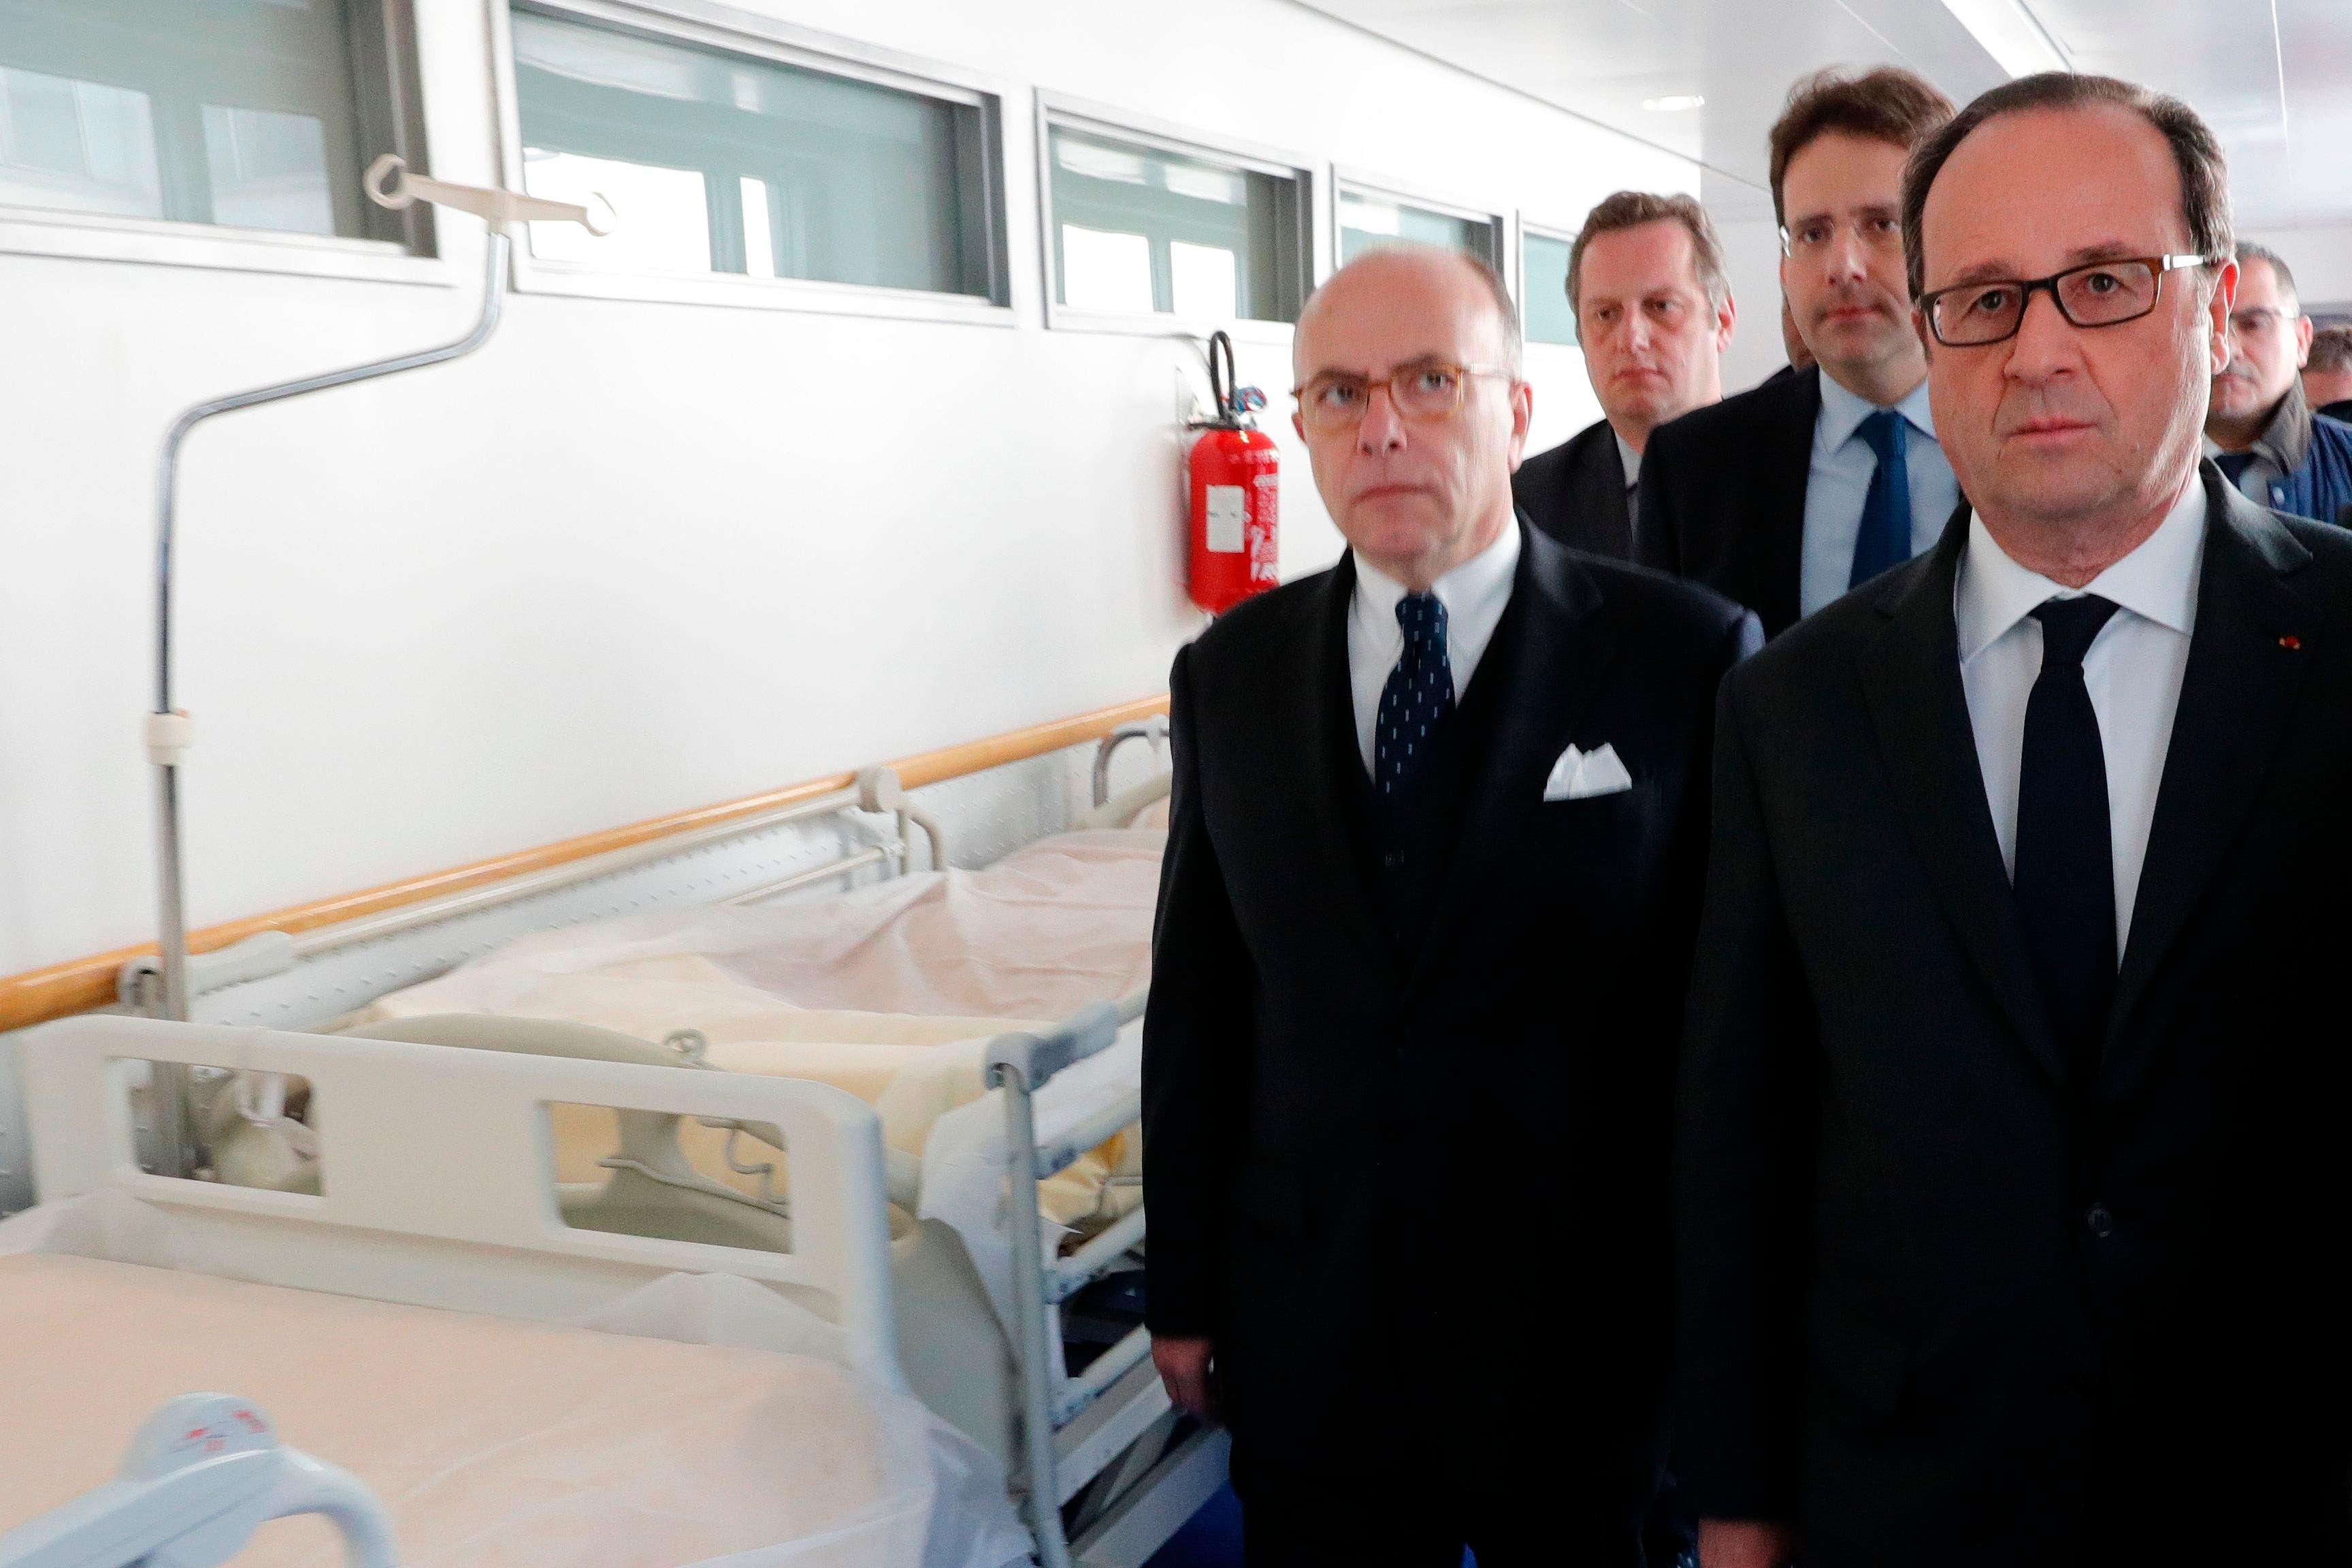 Hollande visita en el hospital a los policías heridos en el atentado de París